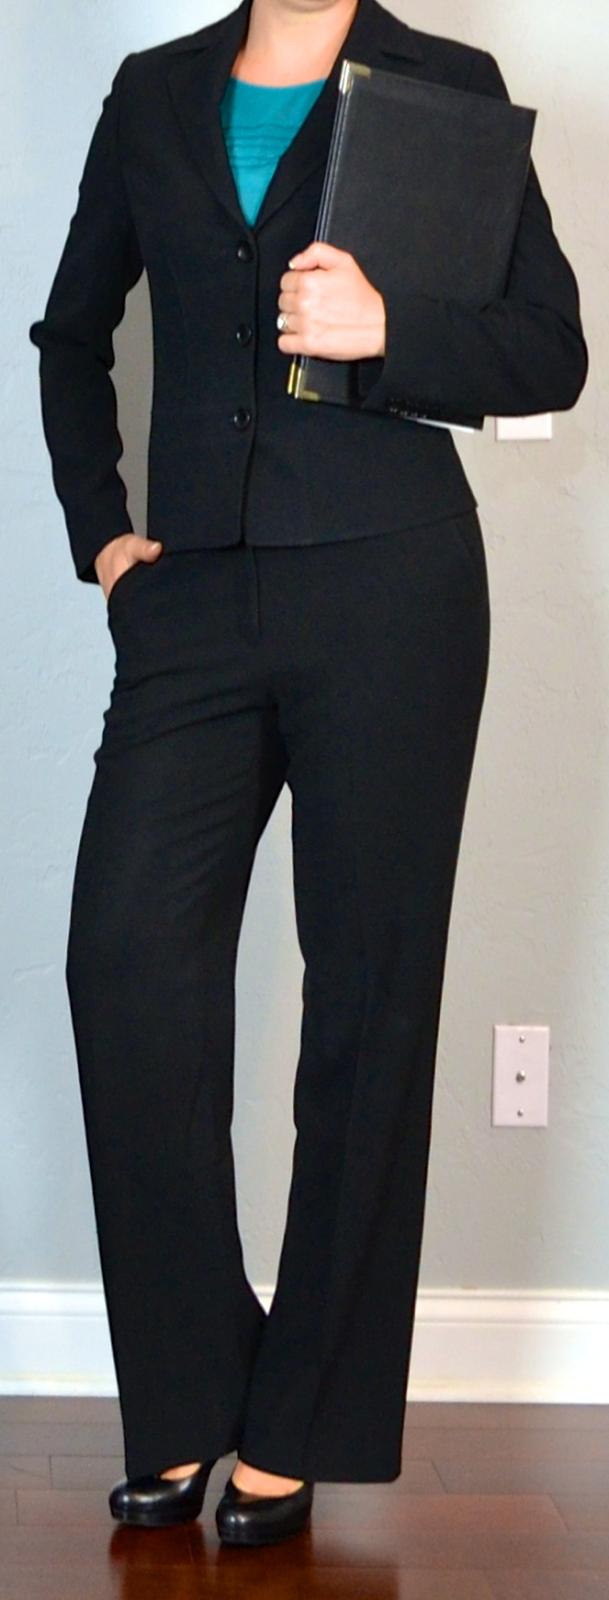 578cf-suit